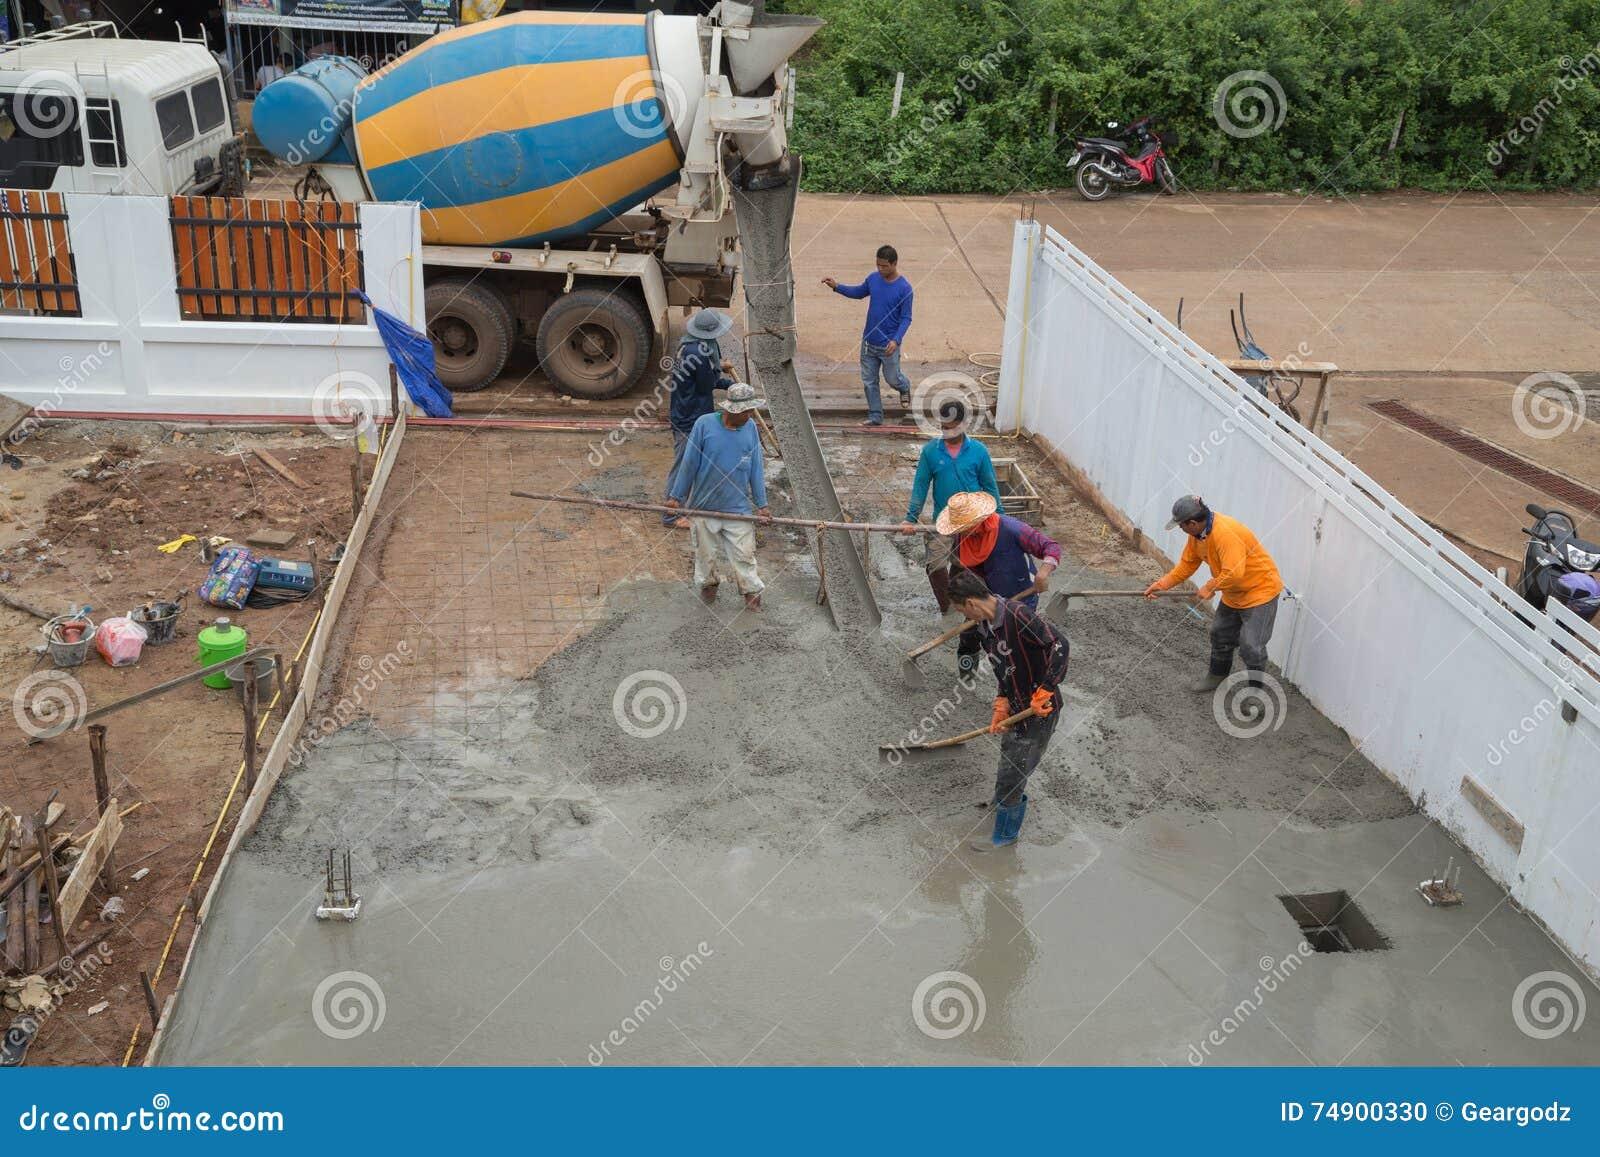 Fußboden Neu Gießen ~ Ein zement lkw und arbeitskraft gießen zement zum neuen boden